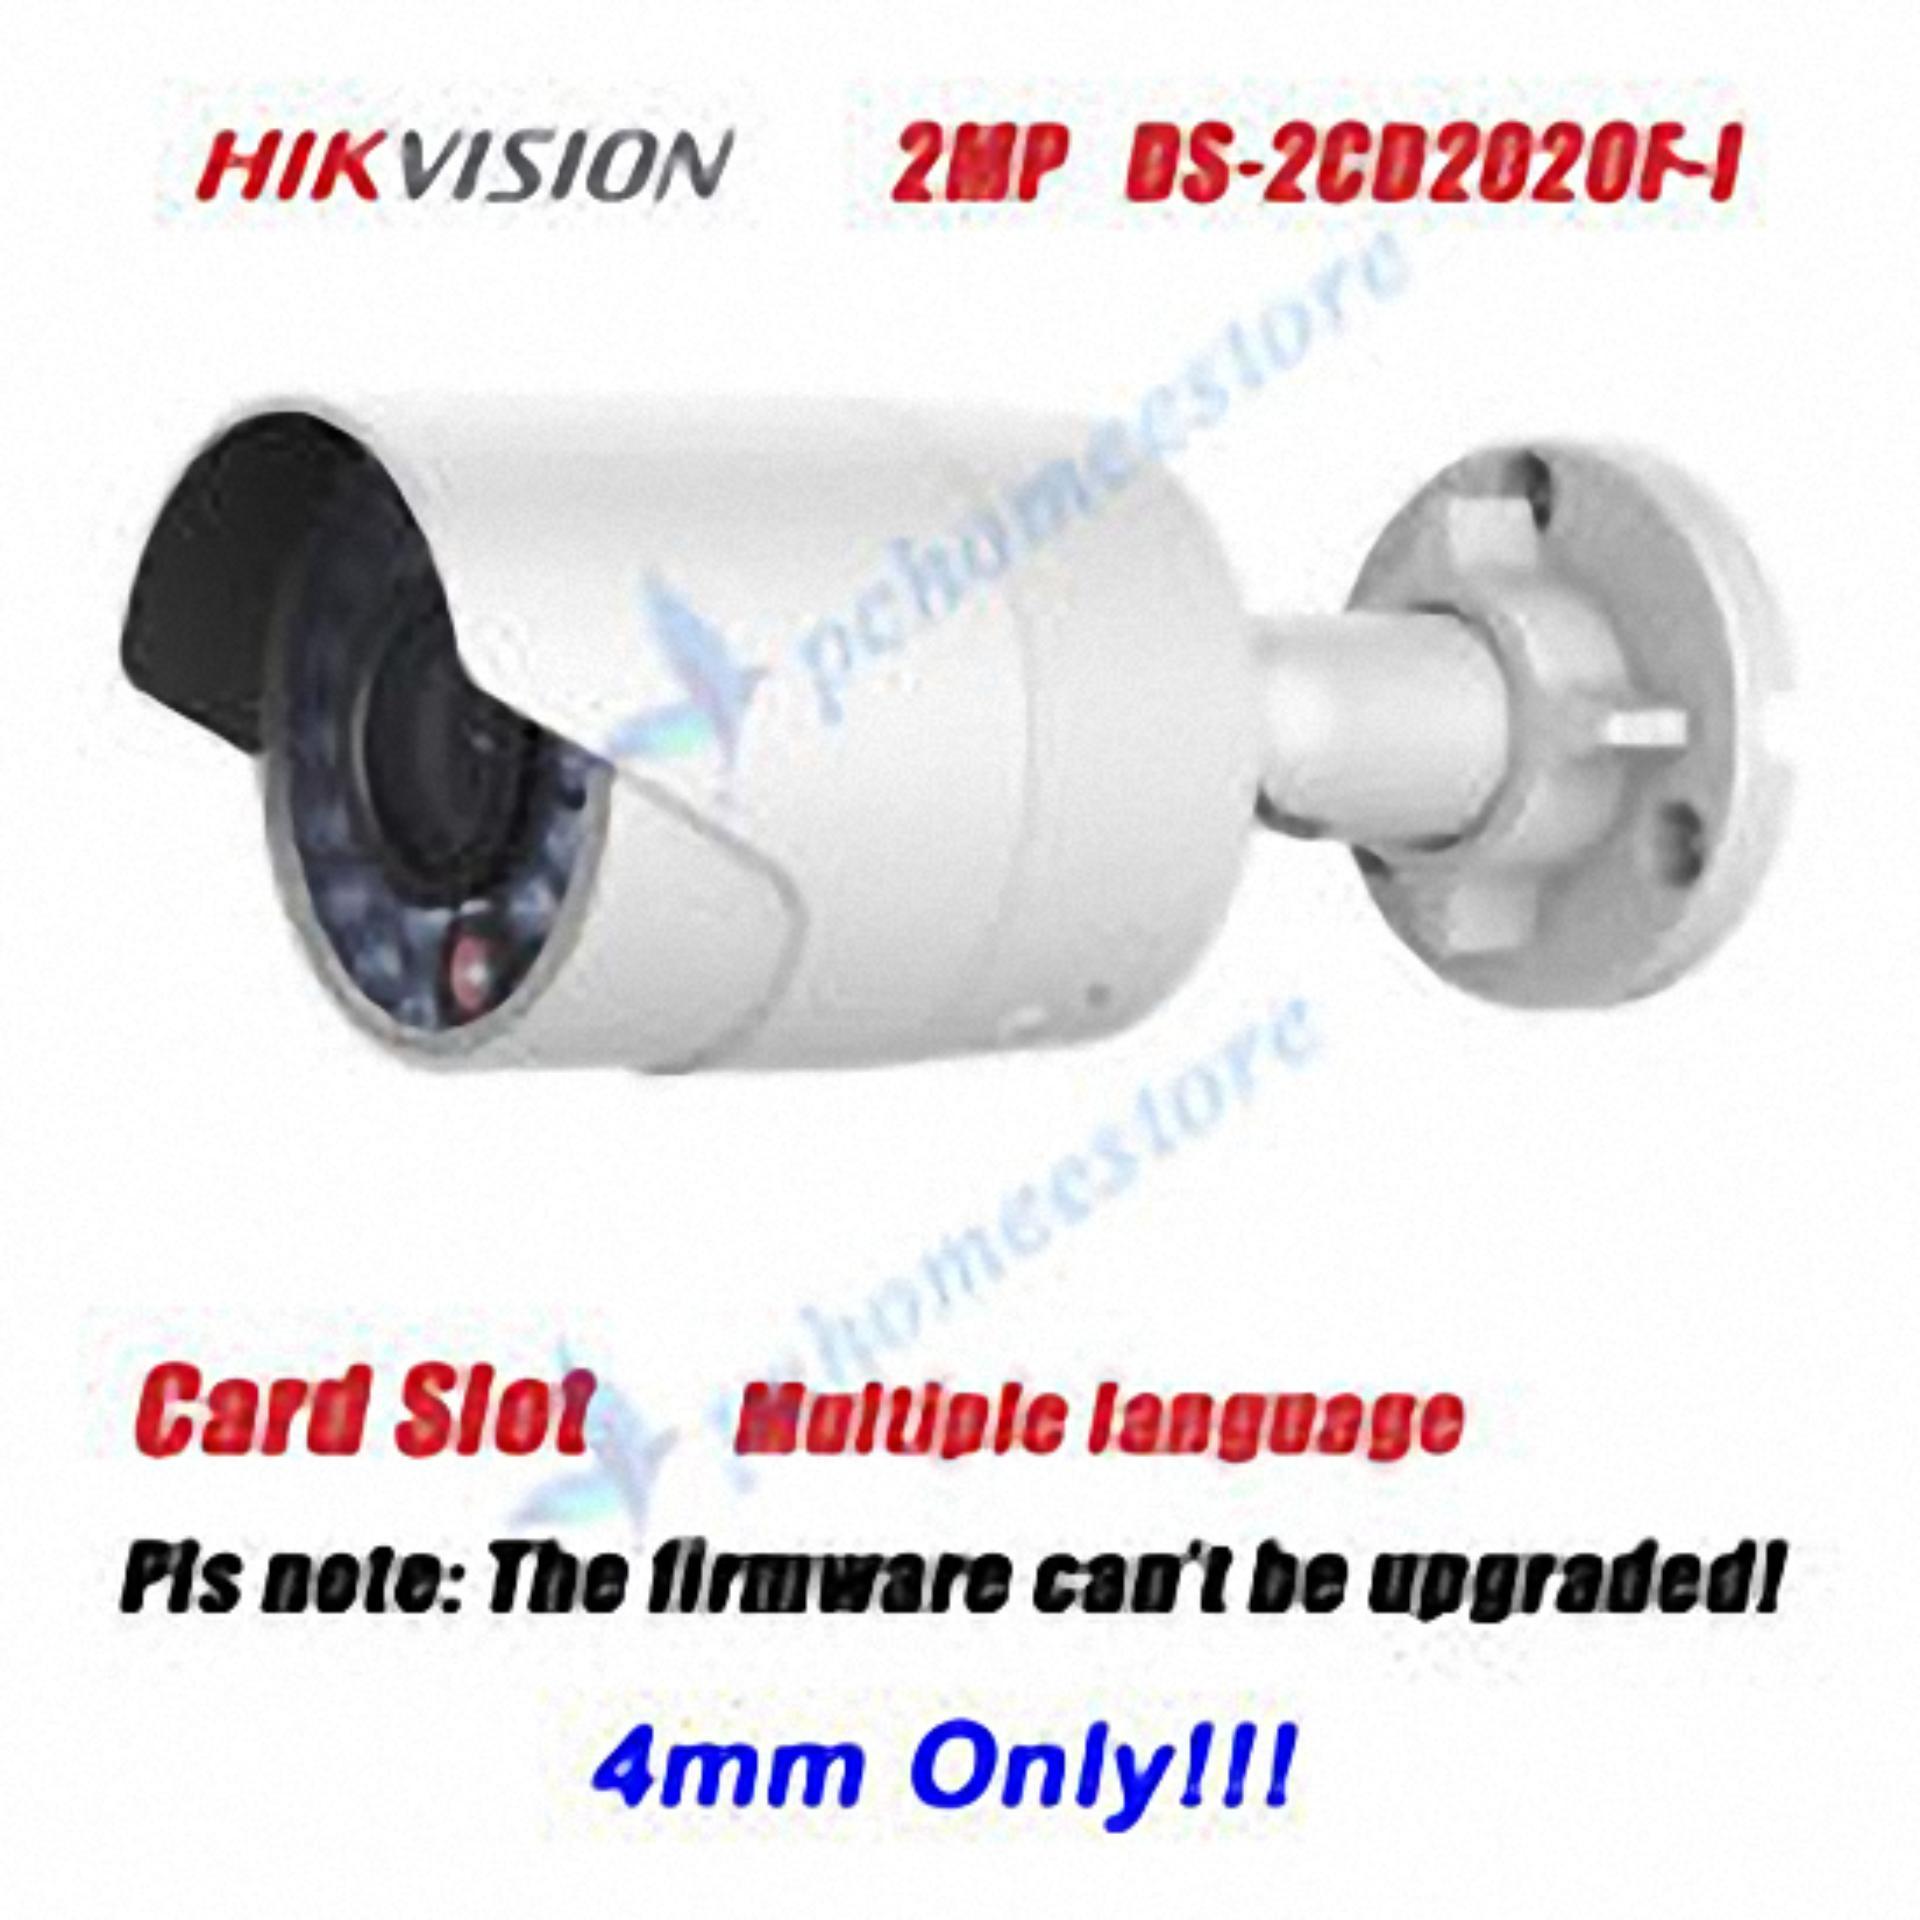 Ôn Tập Camera Ip Độ Net Cao 2M Ds 2Cd2020F I Trong Hồ Chí Minh